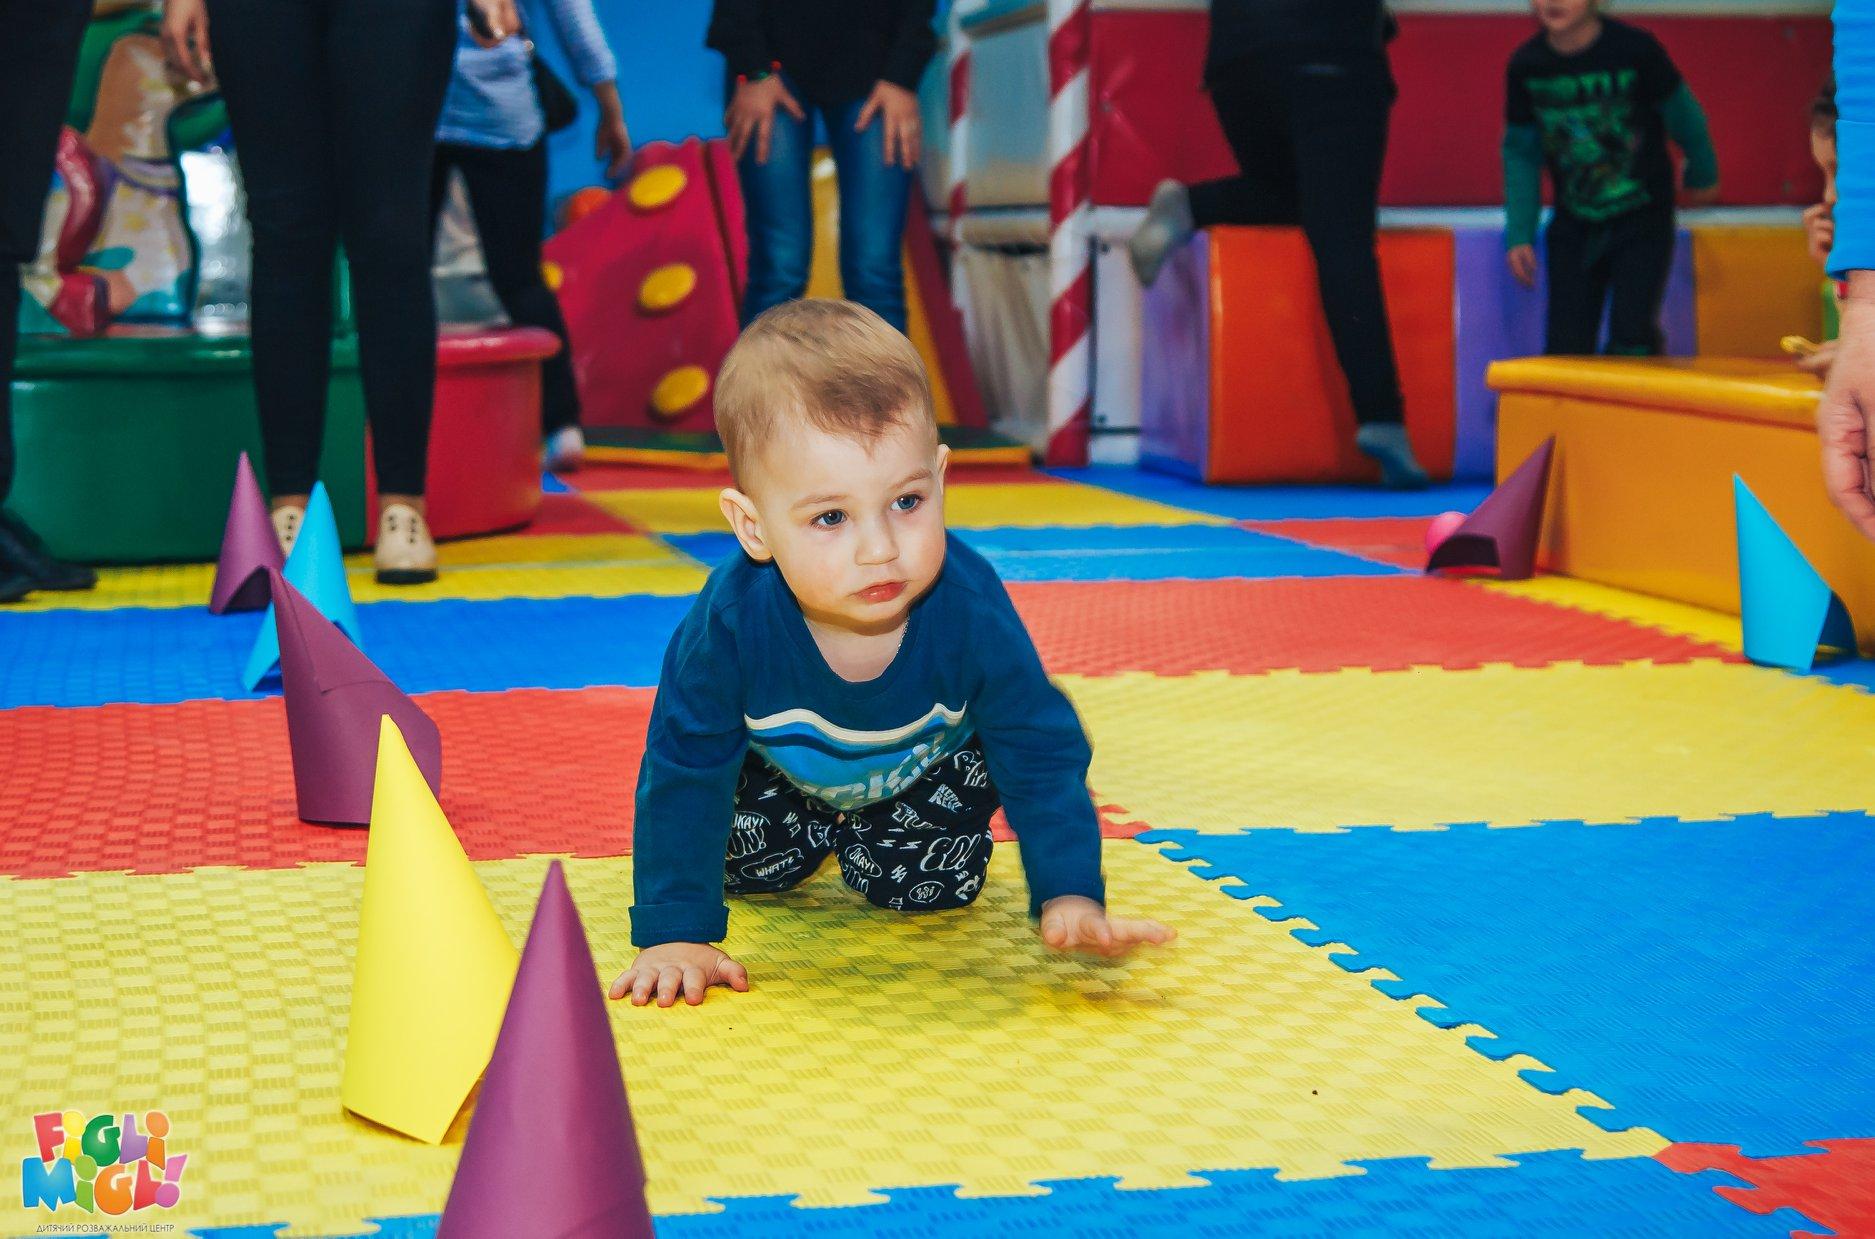 Луцький дитячий розважальний центр влаштував забіг малюків. ФОТО